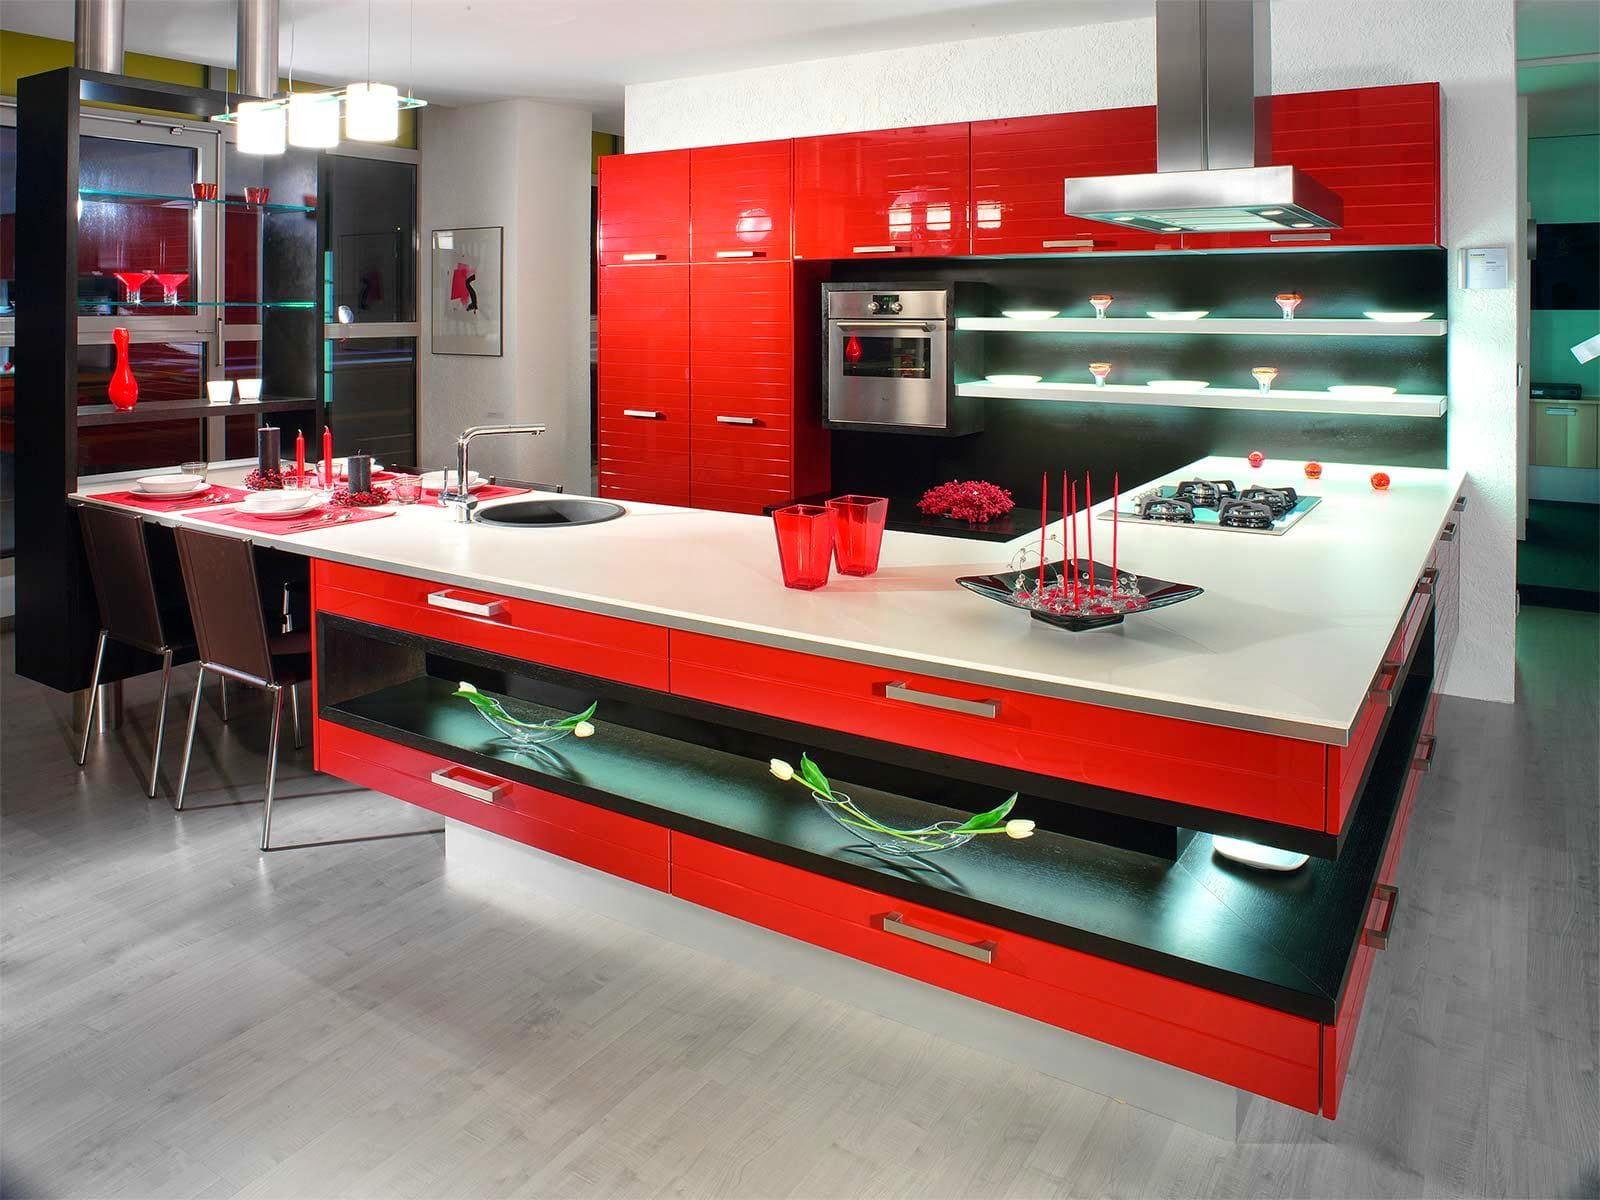 Стили кухни в интерьере: в хай-теке используются яркие акценты